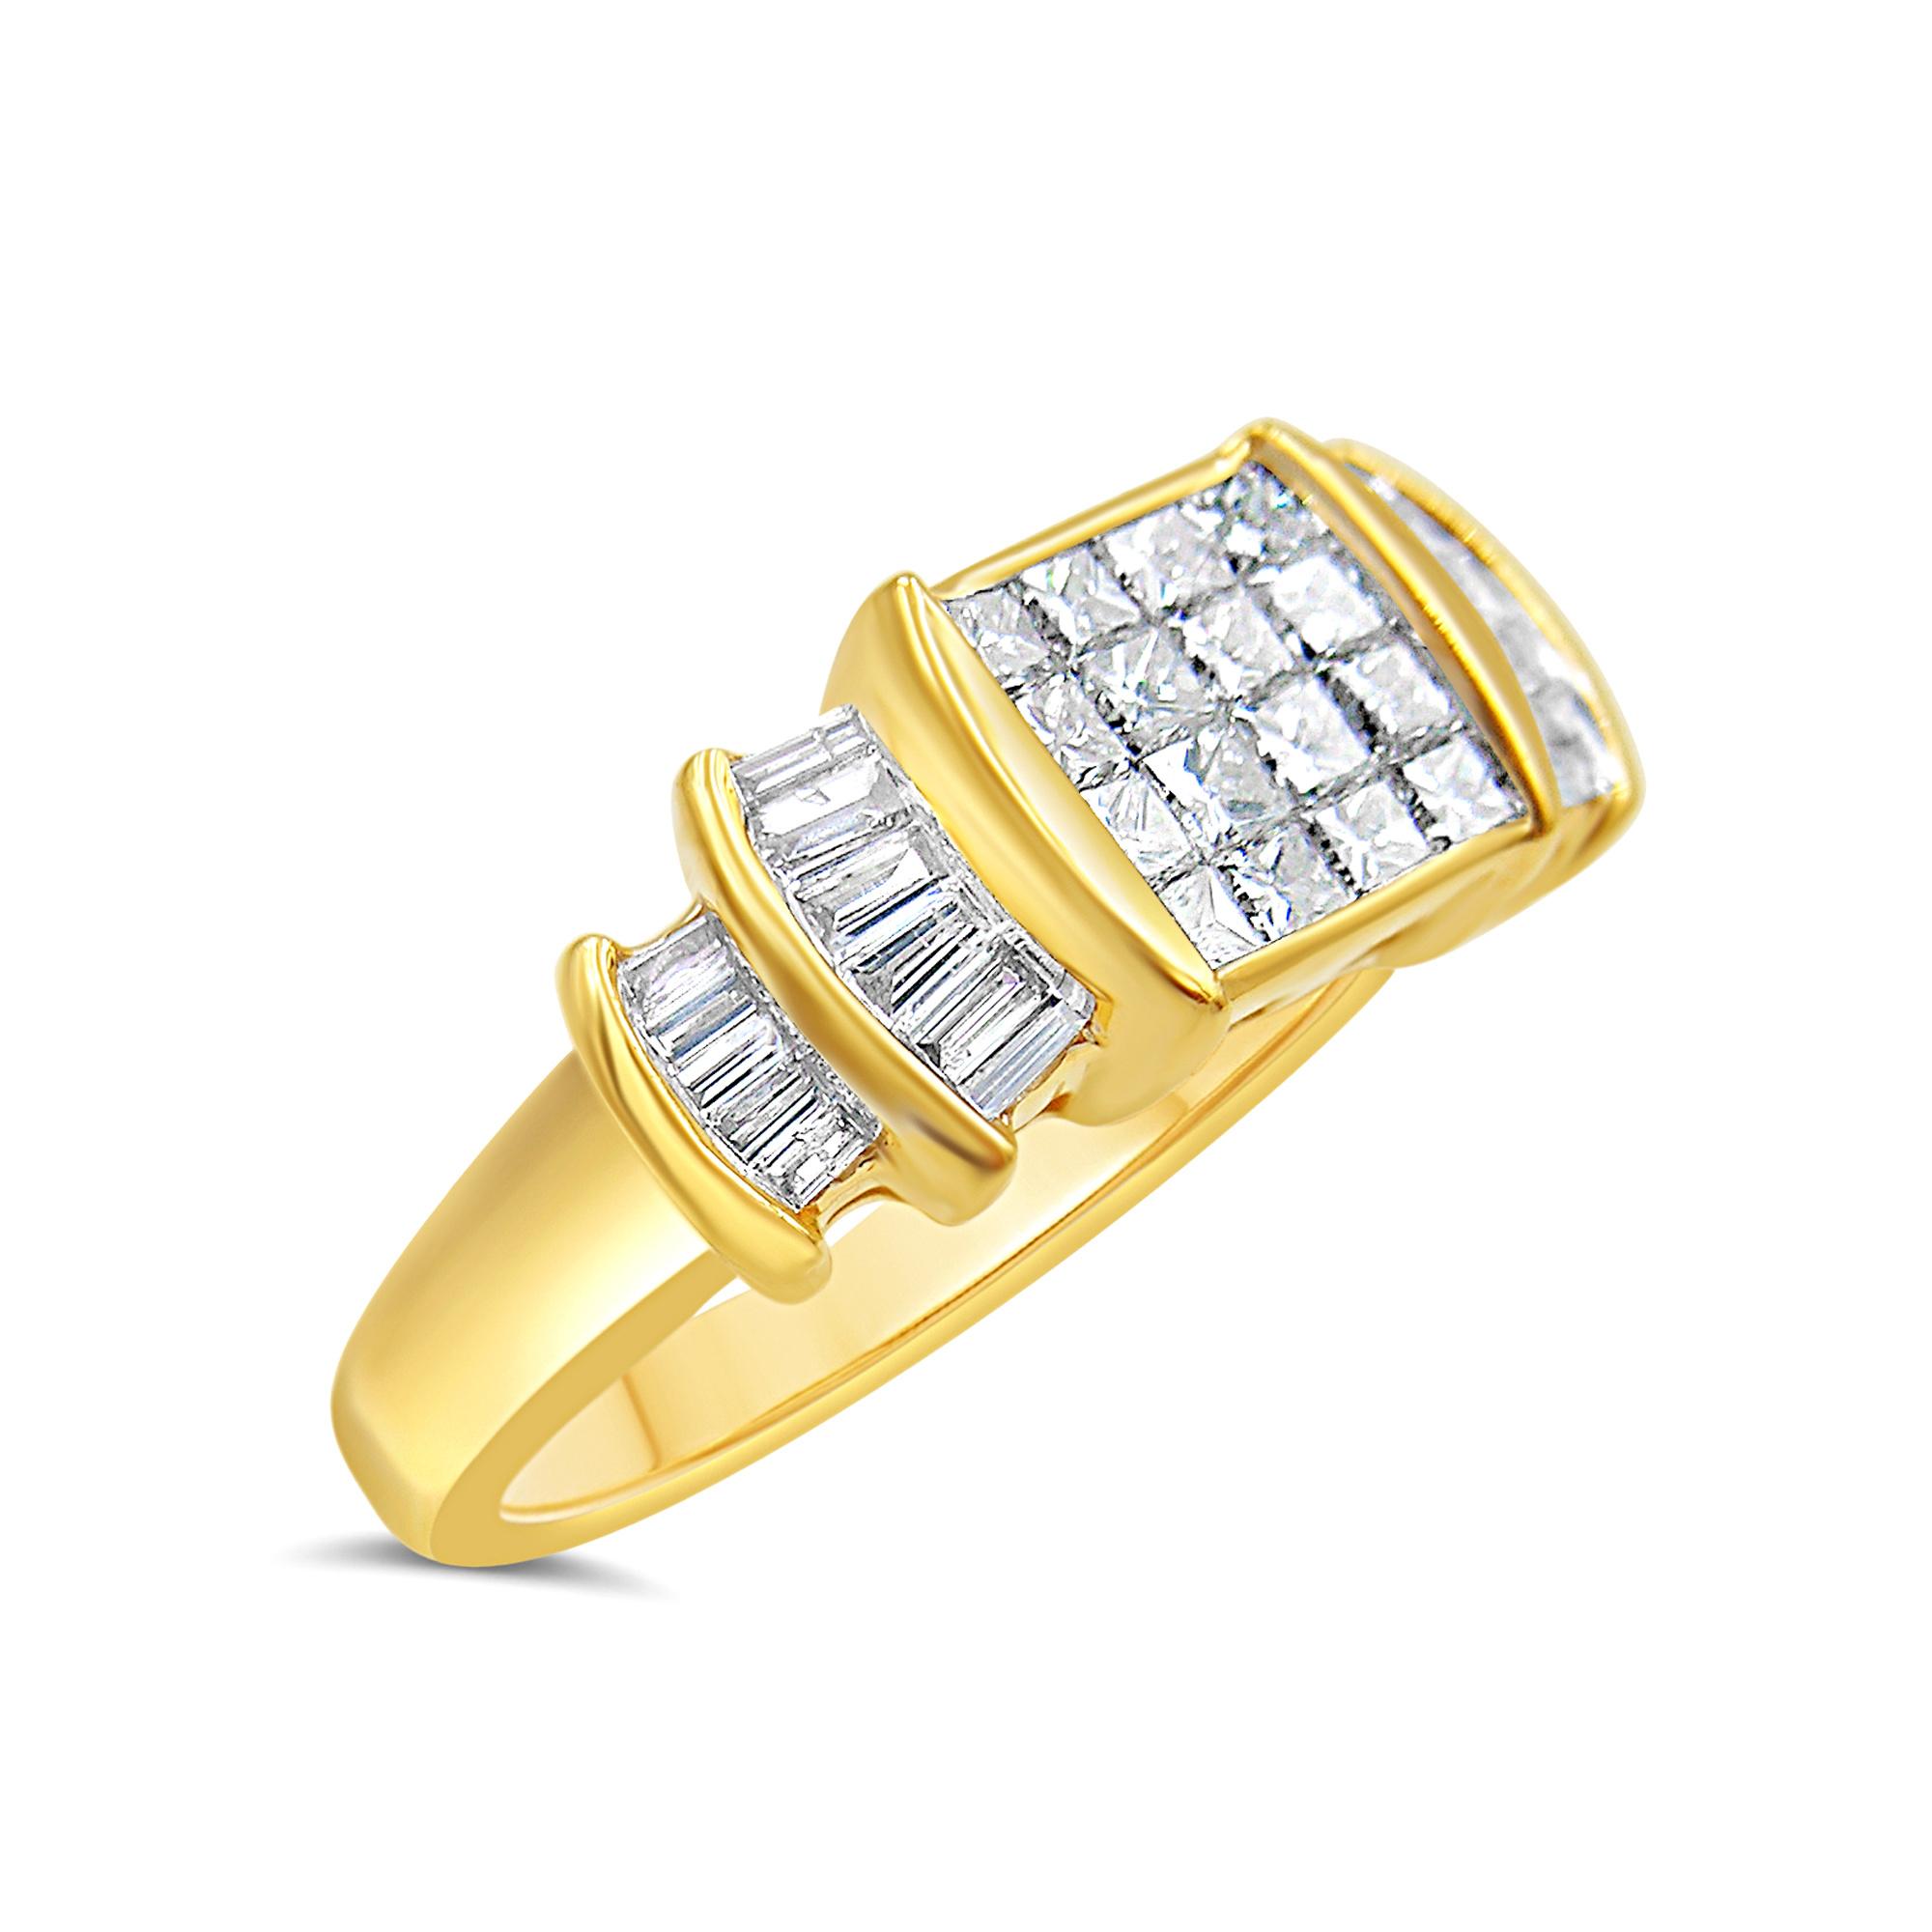 14kt geel goud verlovingsring met 1.51 ct diamanten